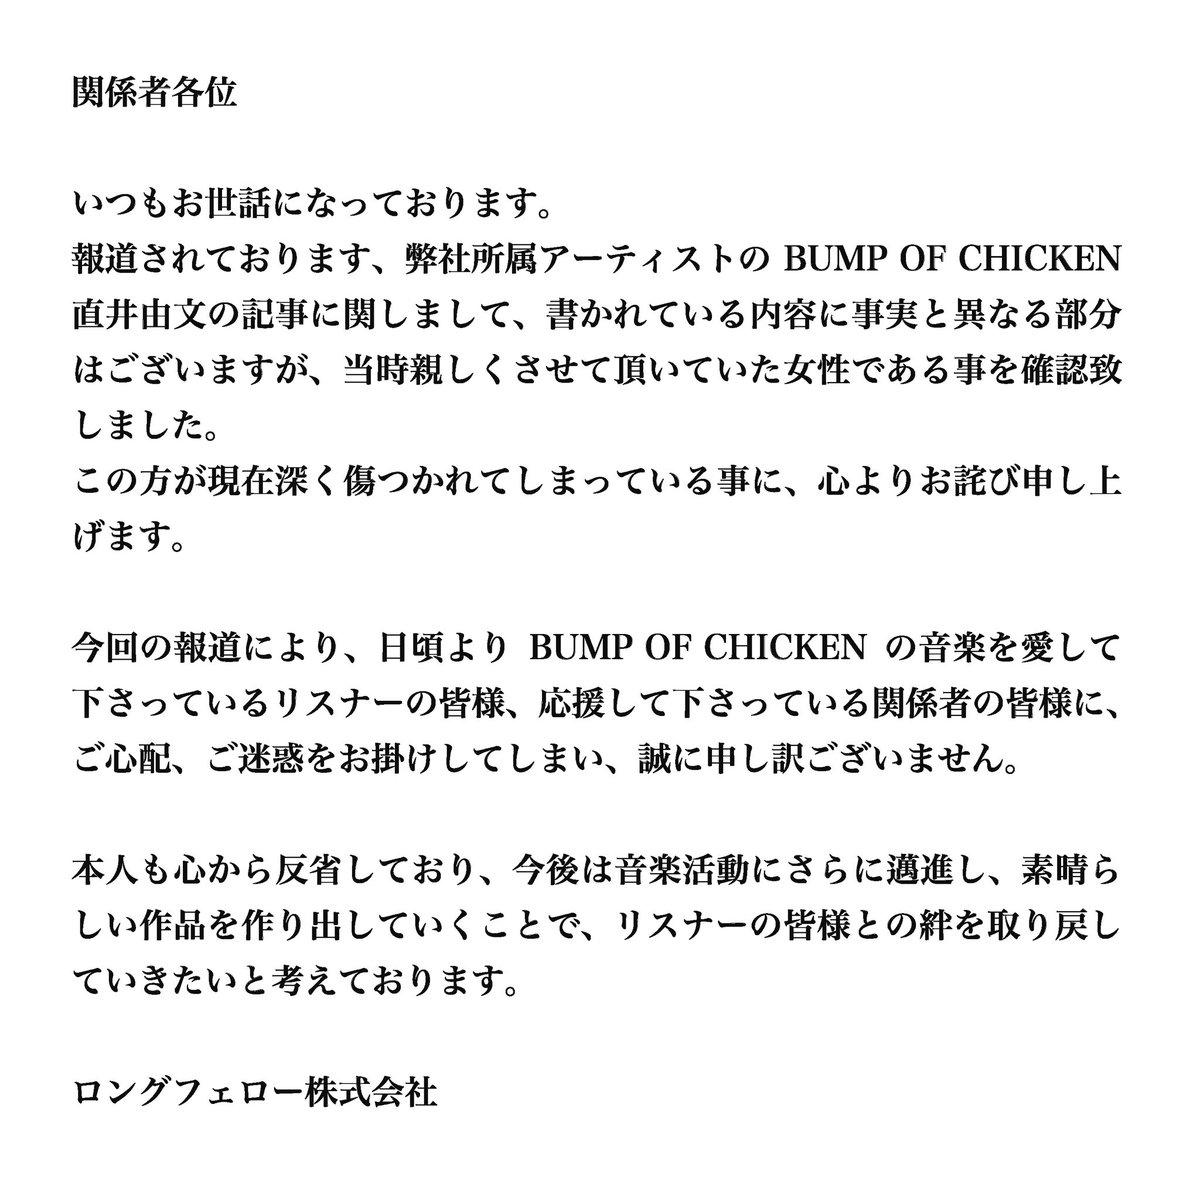 この度報道されましたBa.直井の記事に関しまして、皆様にご心配、ご迷惑をお掛けしてしまい、誠に申し訳ございませんでした。